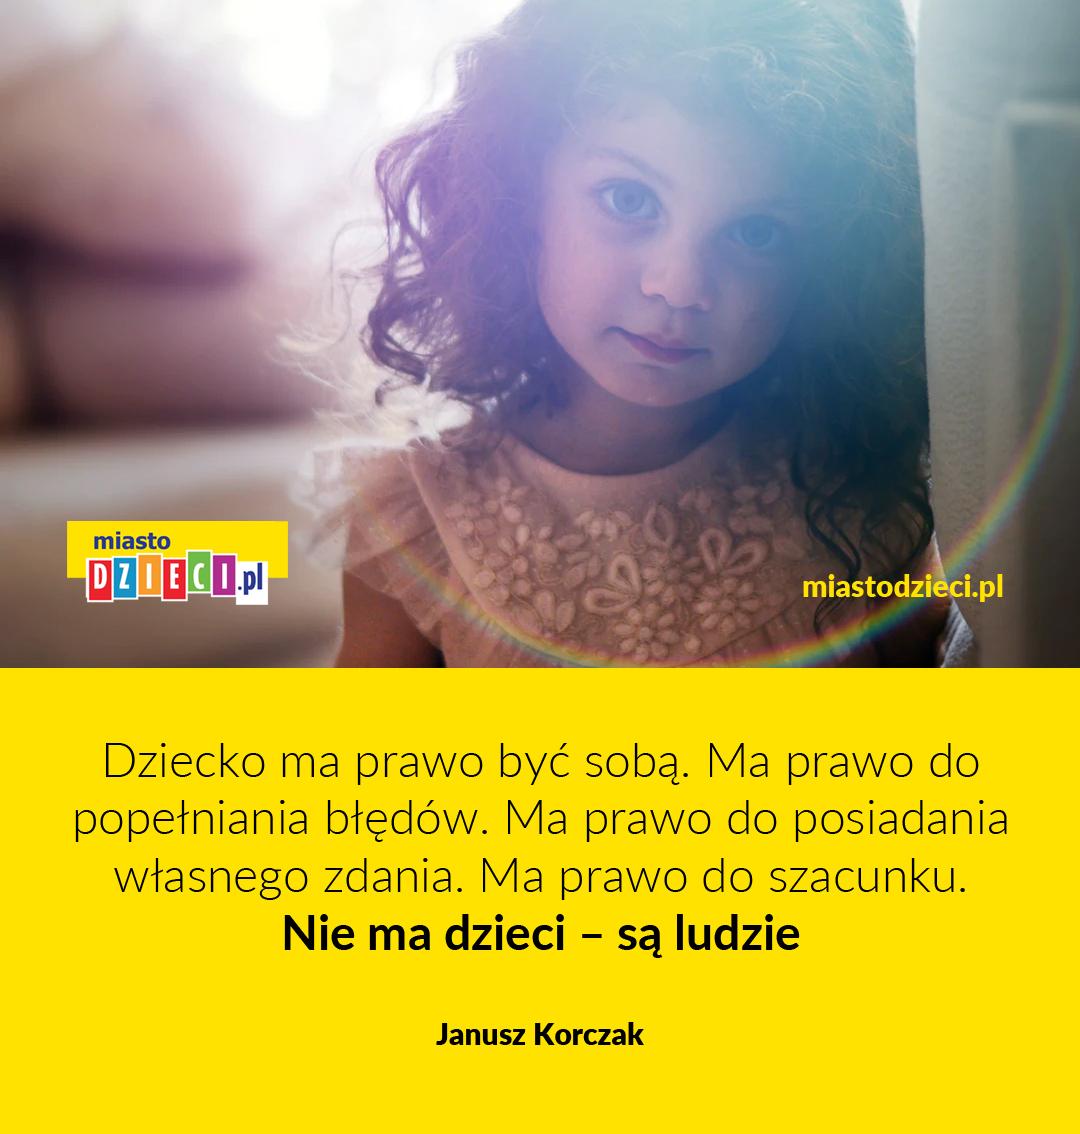 Złote myśli Korczaka o dzieciach